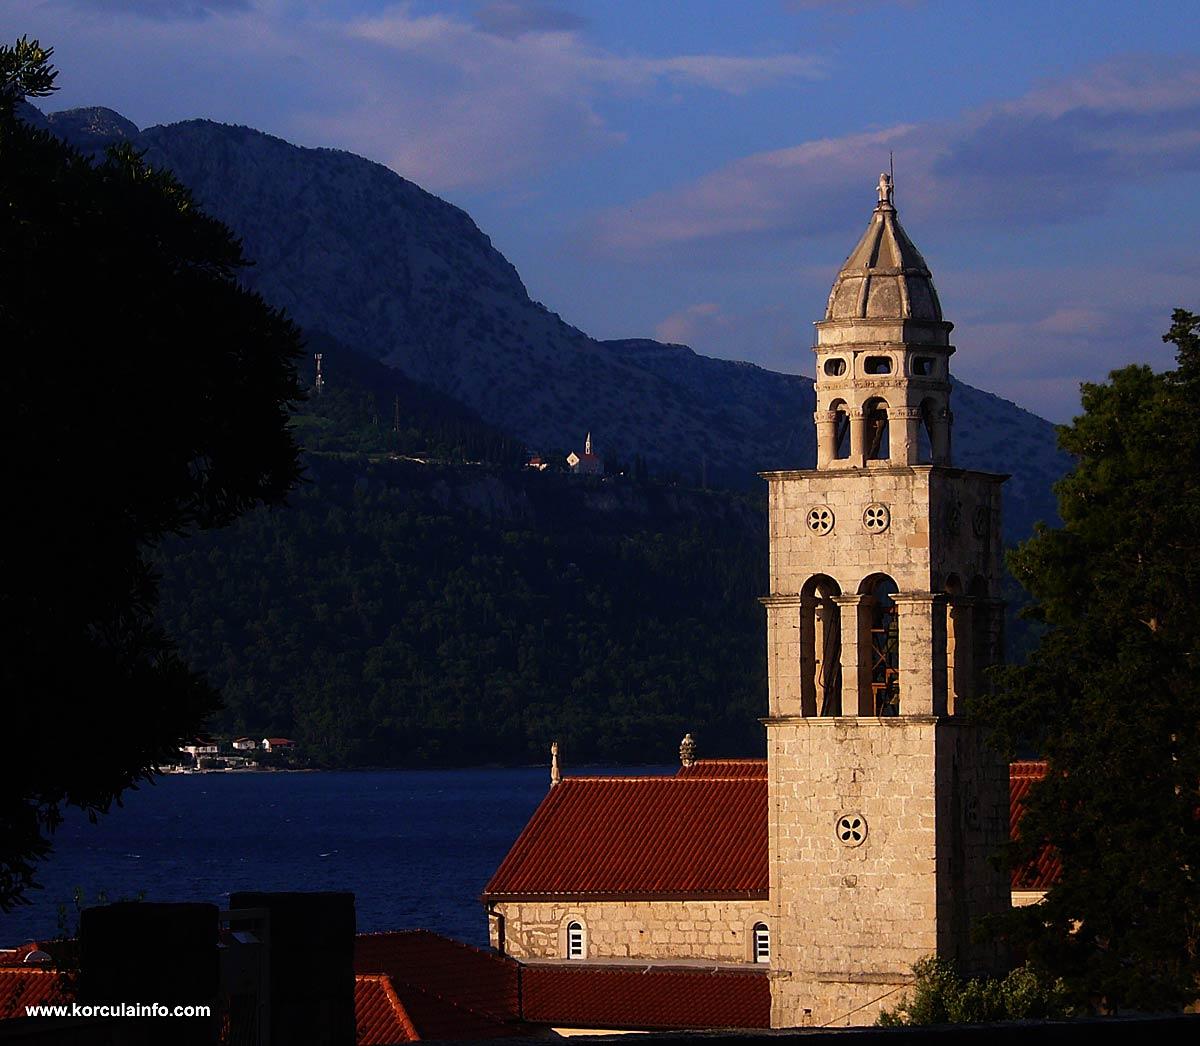 Sveti NIkola Church Tower